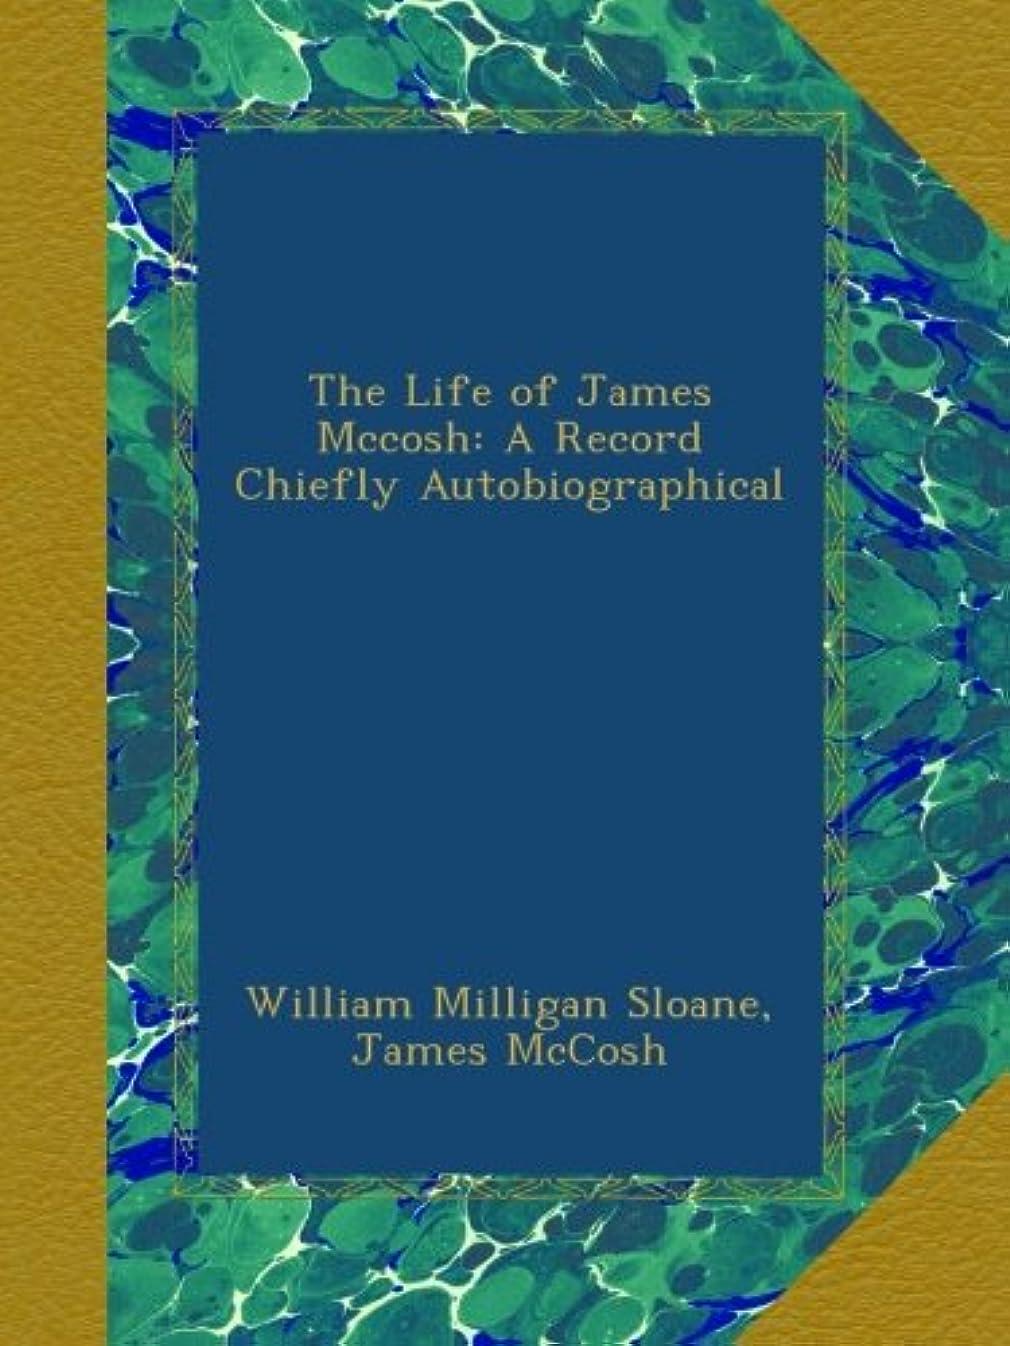 嫌がらせ死すべき定常The Life of James Mccosh: A Record Chiefly Autobiographical